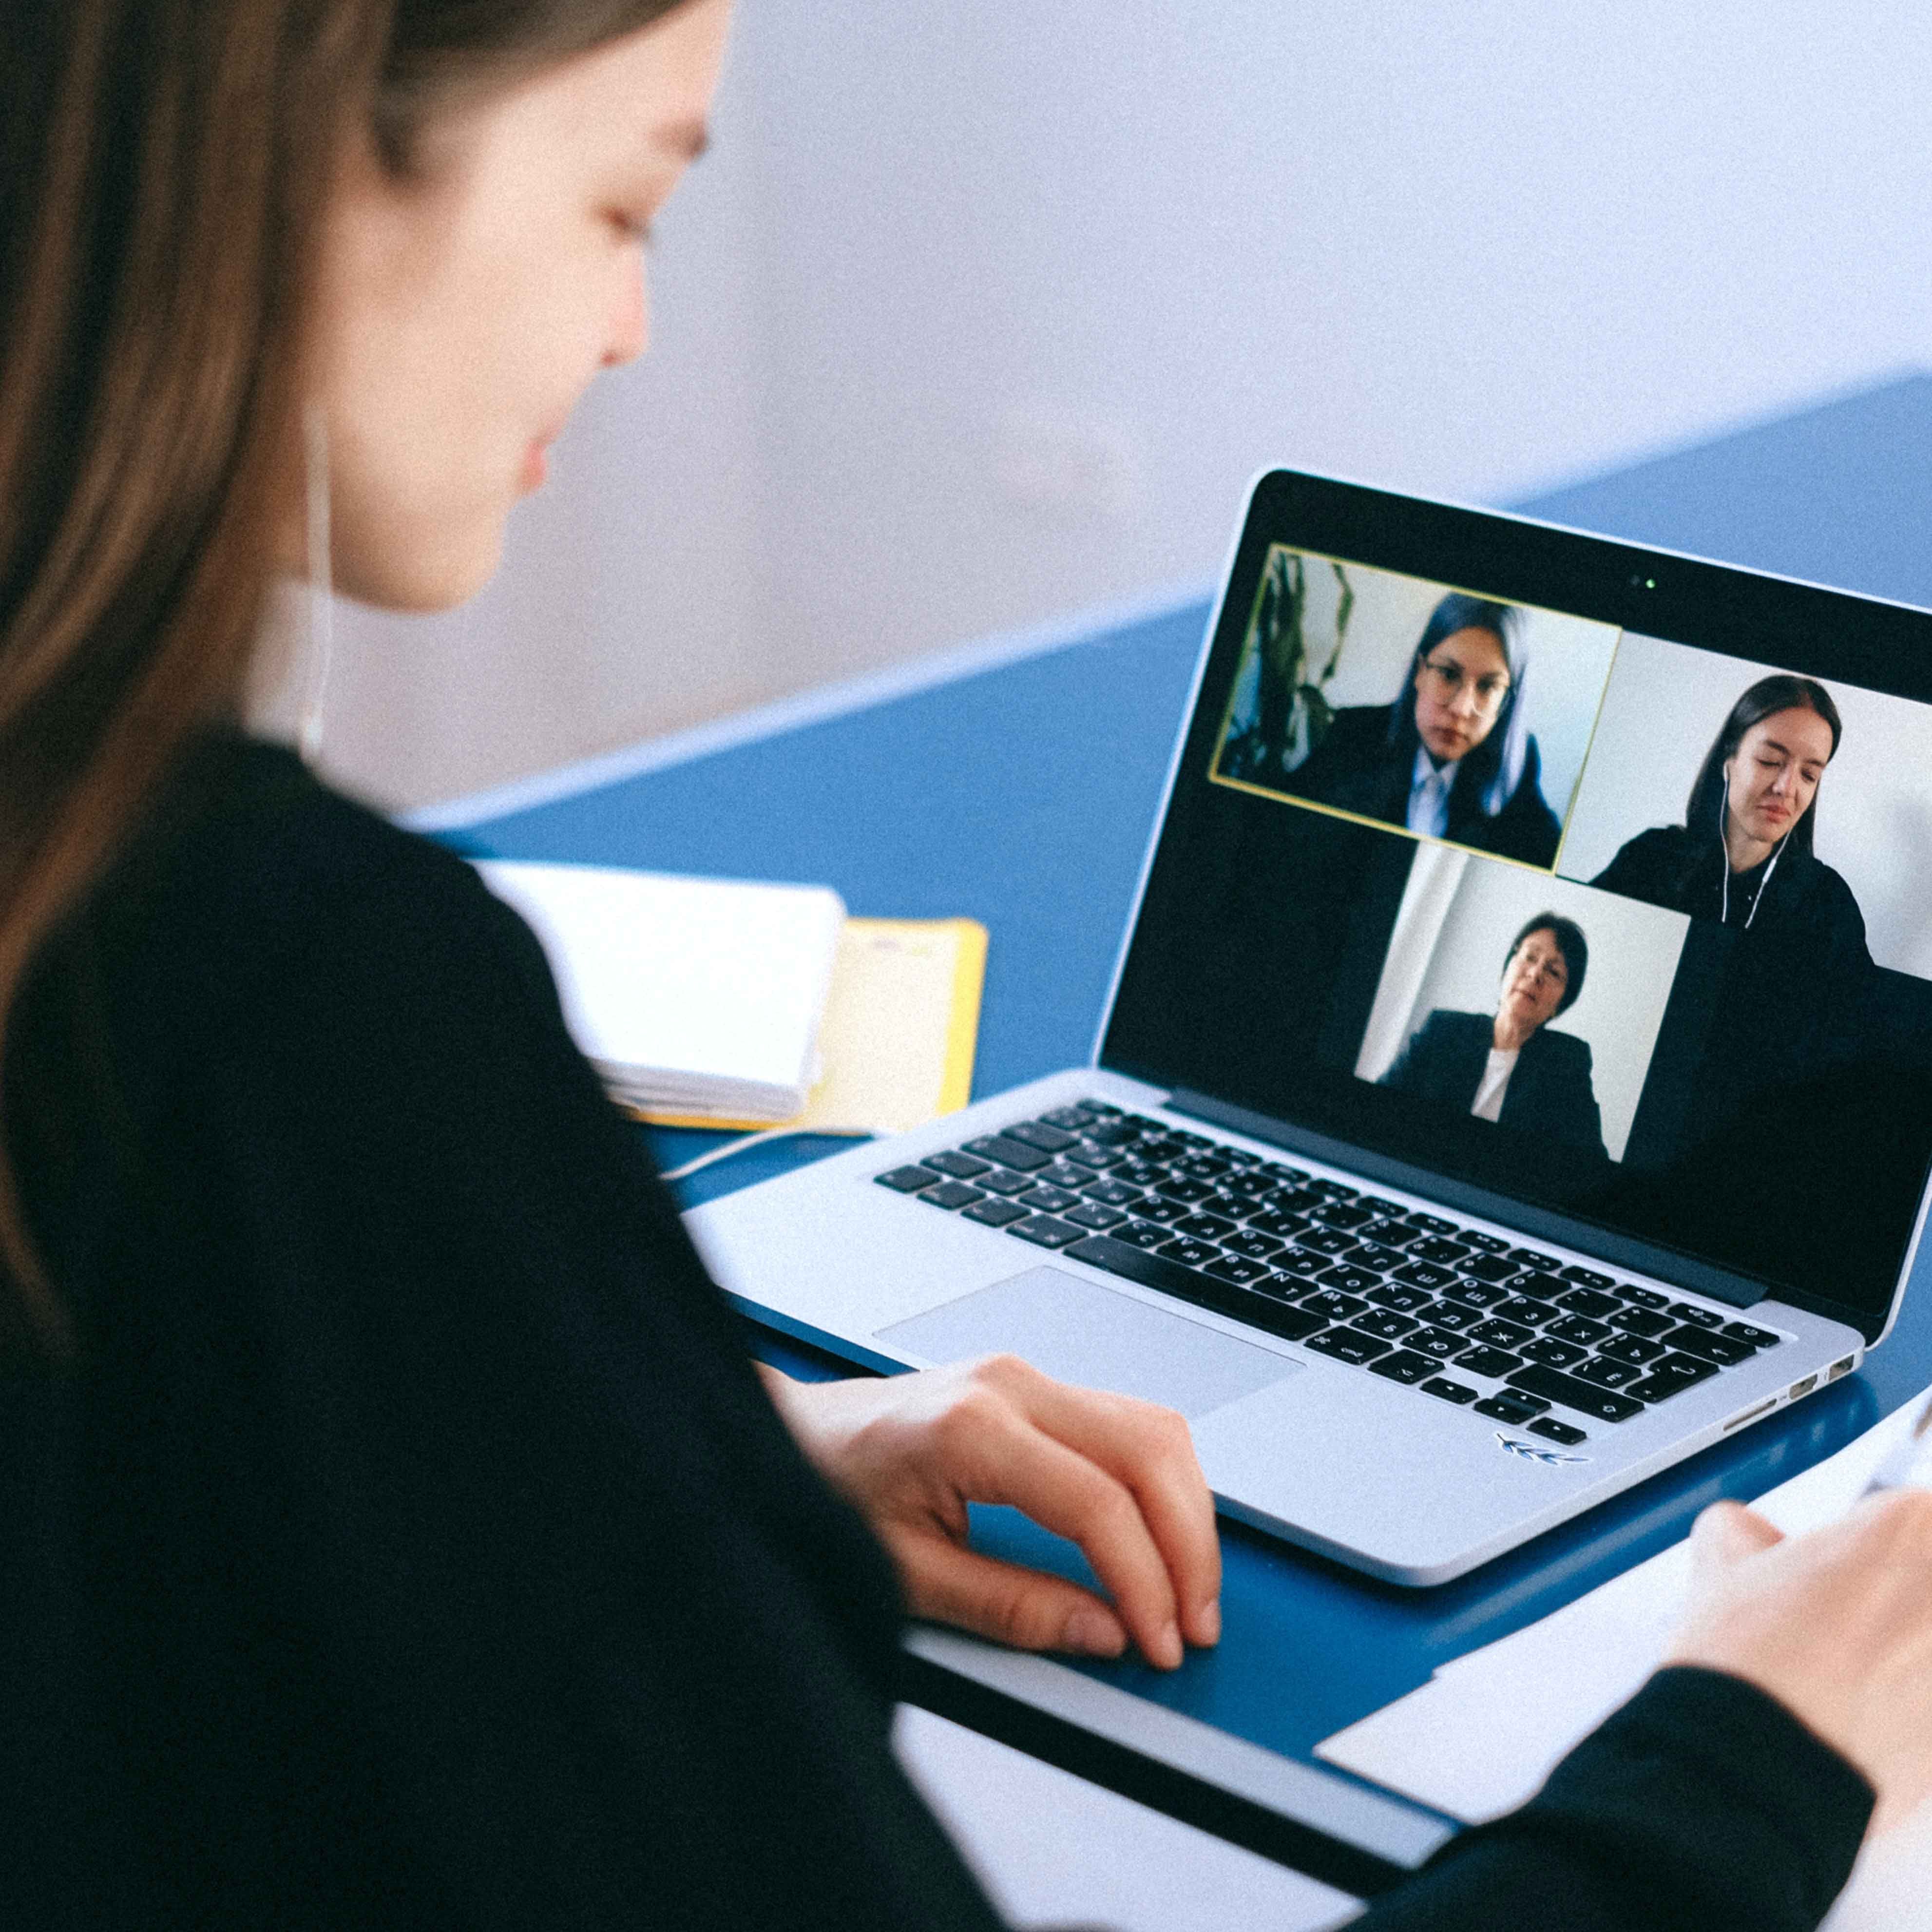 femme qiu regarde une conference digitale